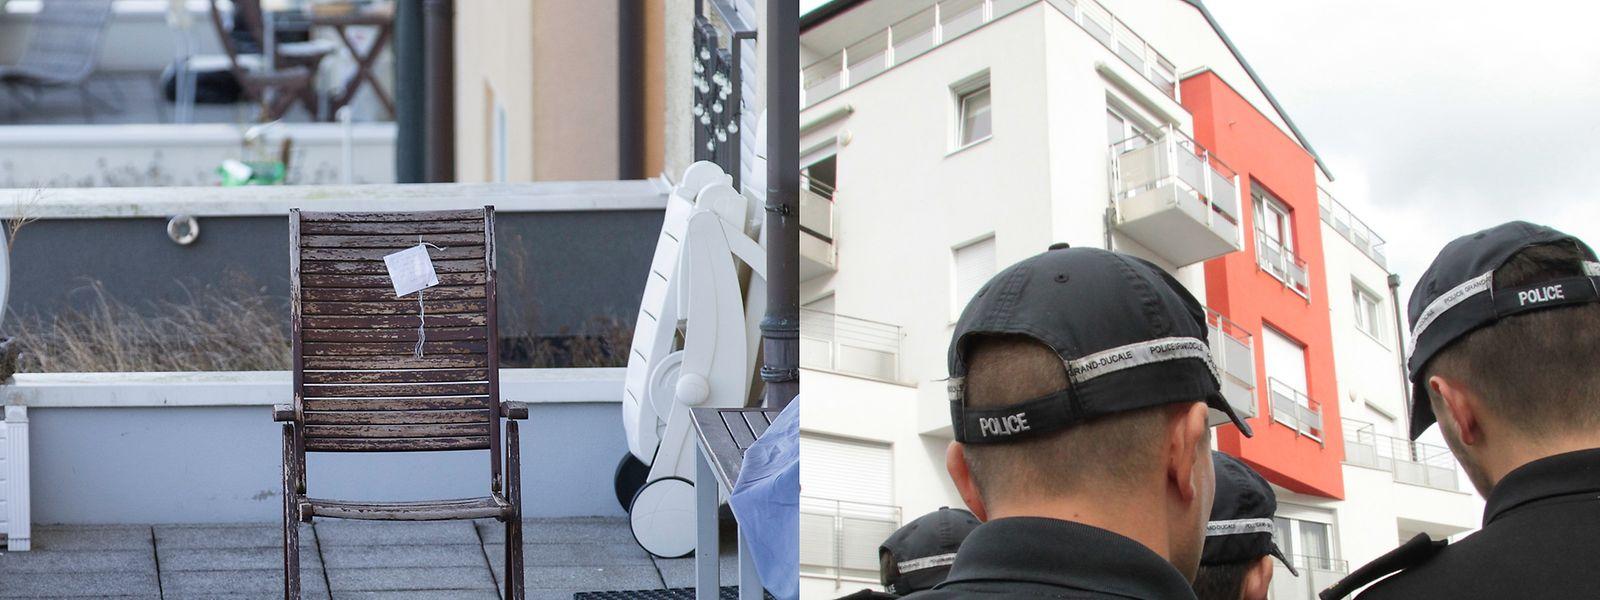 Links der Stuhl, in dem das Opfer von Fentingen saß, rechts die Dachgeschosswohnung, in der sich das Drama von Bereldingen abspielte. Während im Fall der verlorenen Kugel der beschuldigte Jäger Rechtsmittel gegen eine Anklageerhebung eingelegt hat, sind die Ermittlungen zum mutmaßlichen Doppelmord noch nicht abgeschlossen. Der tatverdächtige Polizist befindet sich weiter in U-Haft.